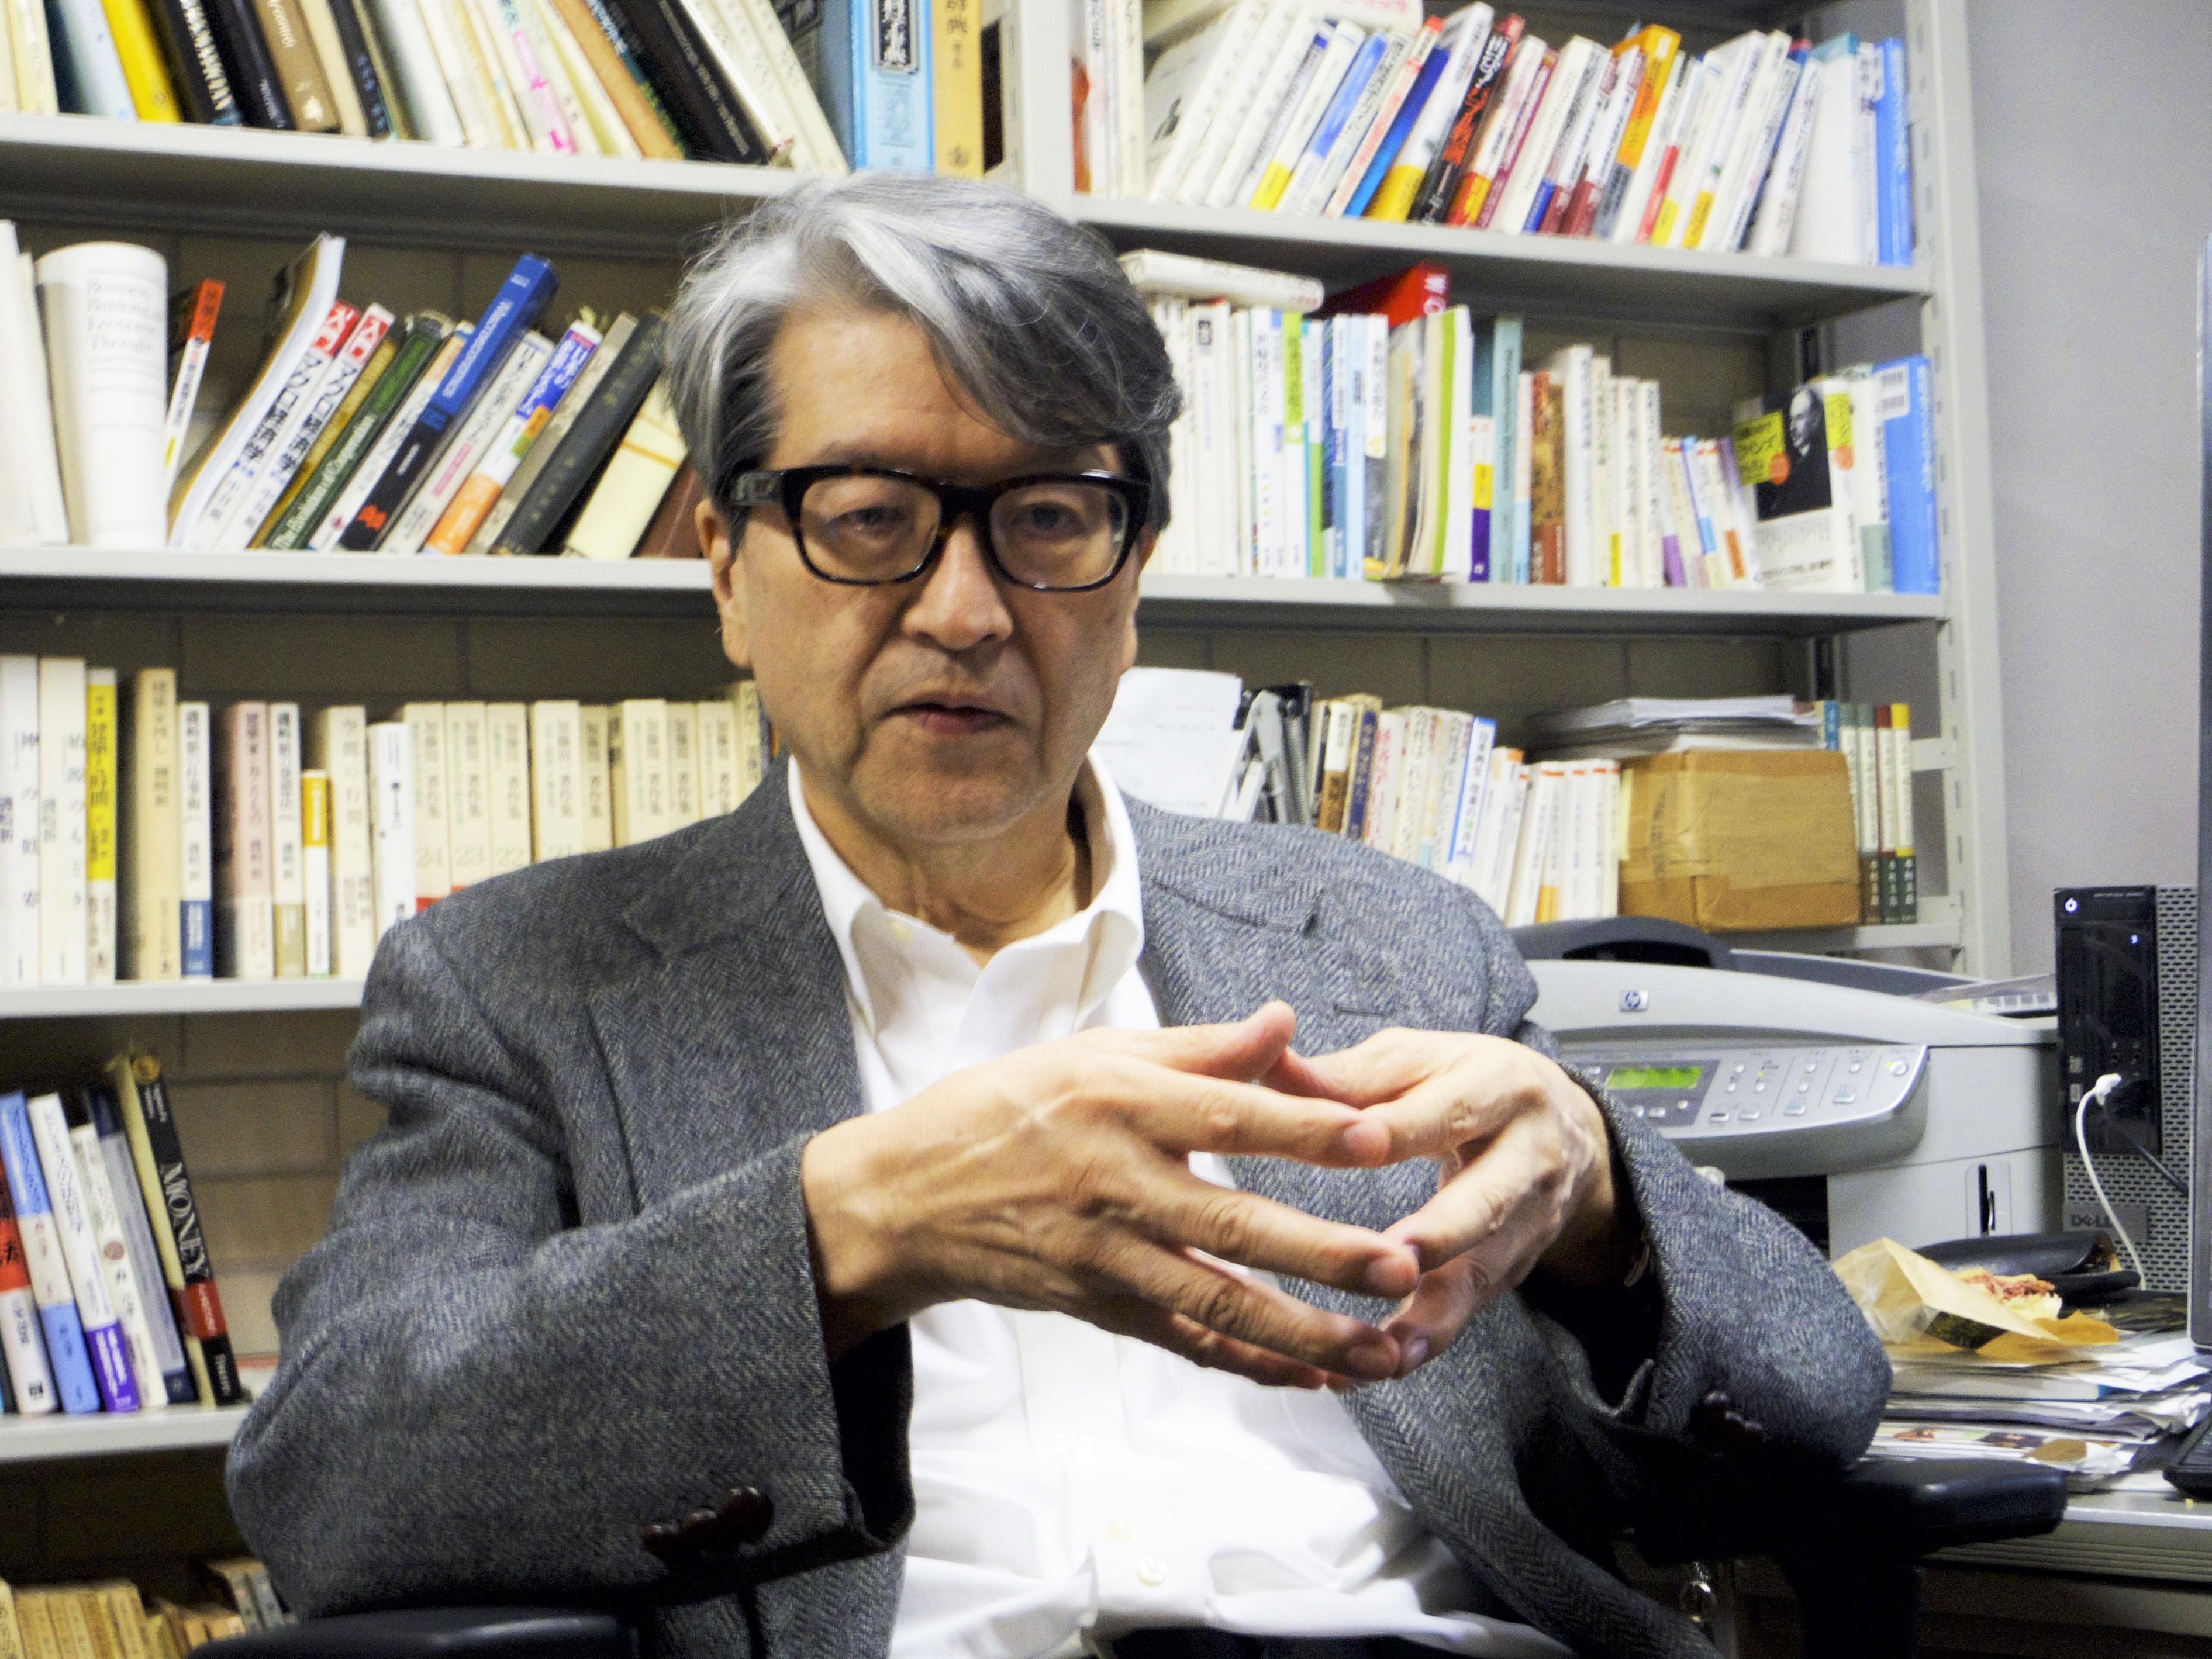 「トランプ大統領の登場により、不安定な世界が到来する」と語る岩井先生